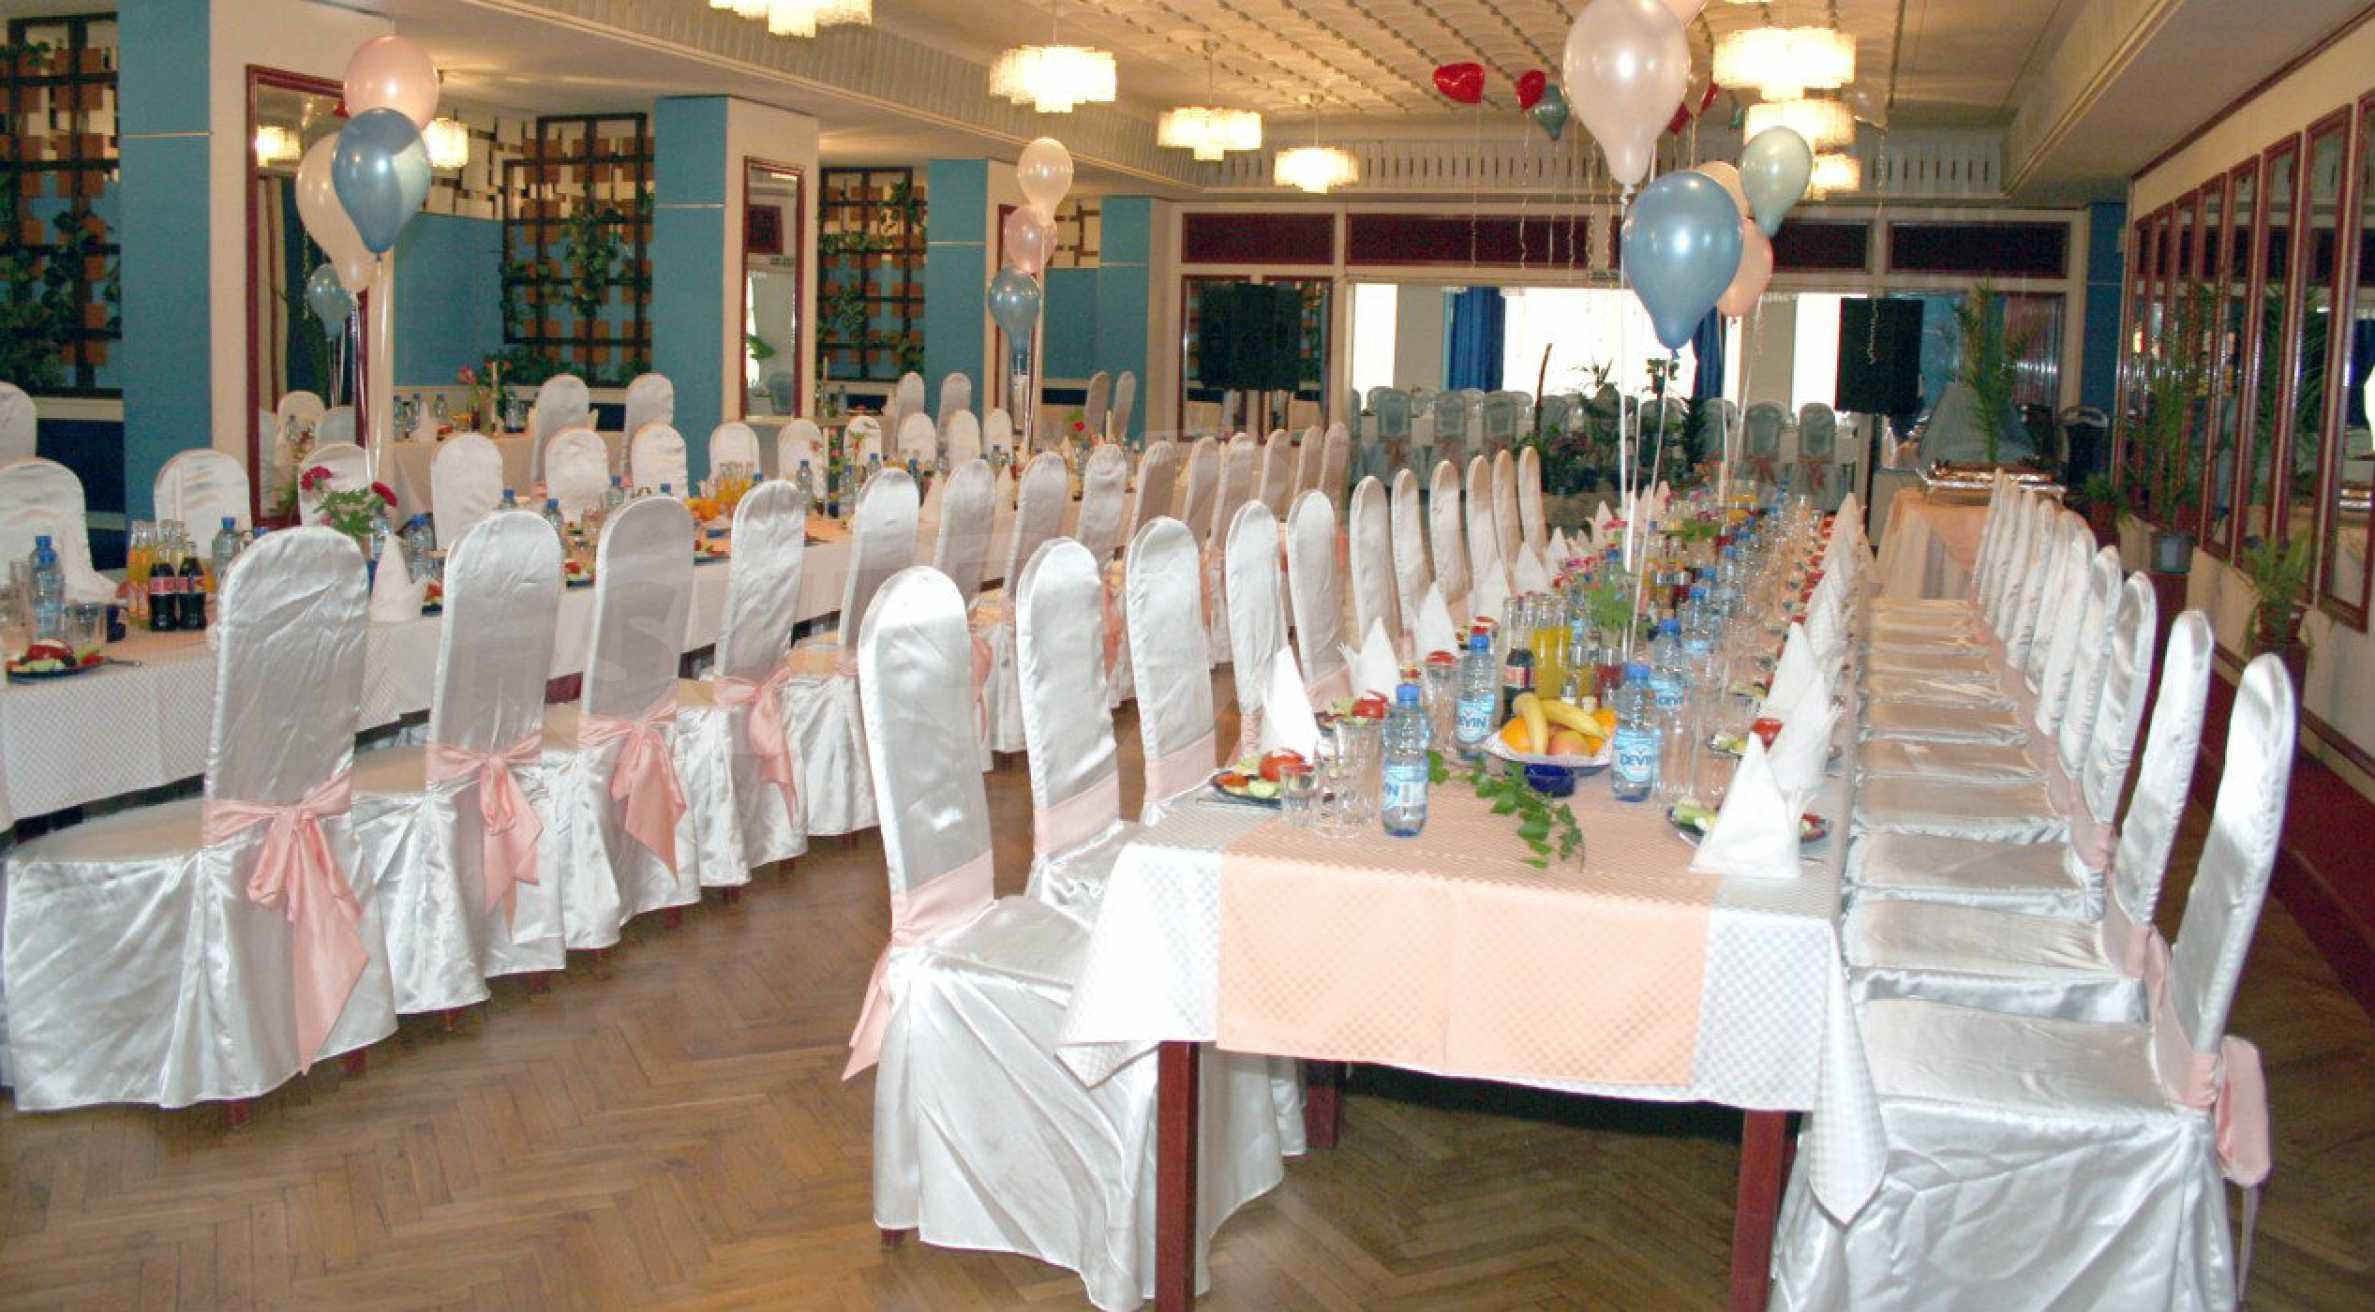 Betriebsrestaurant in der oberen Mitte von Gabrovo 1